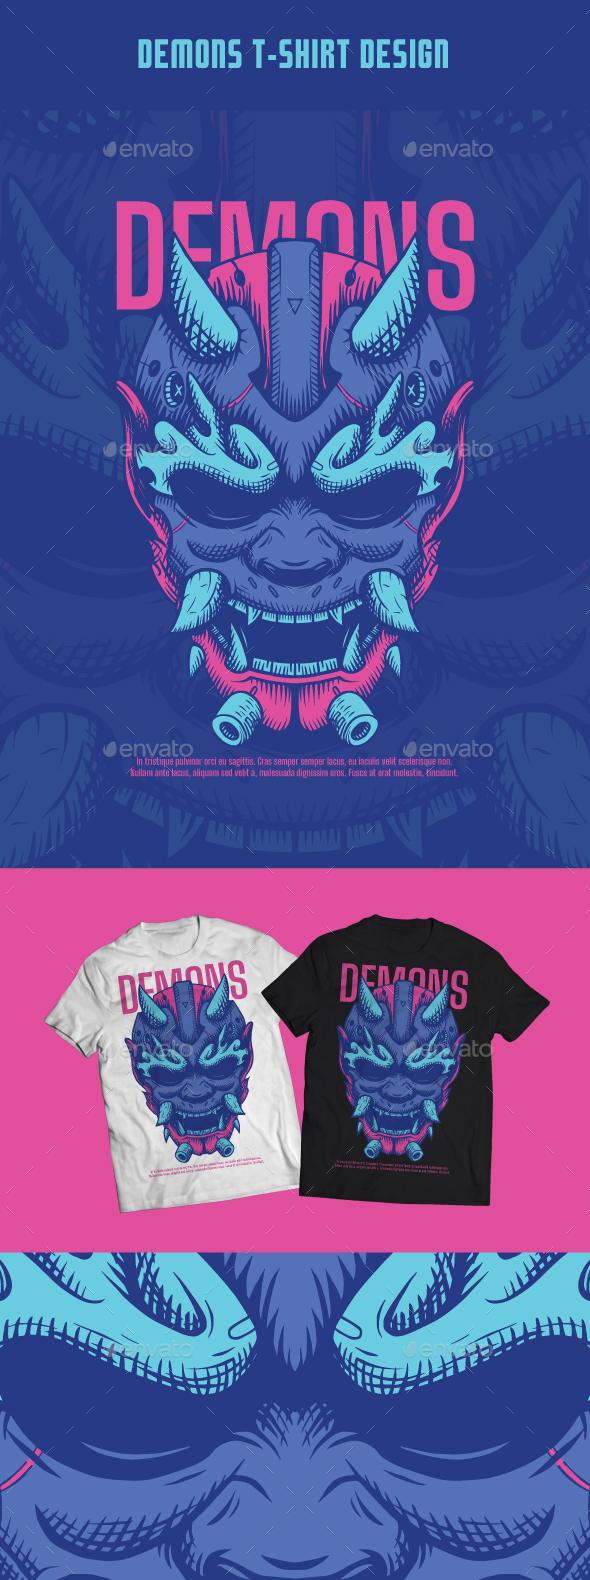 Demons T-Shirt Design